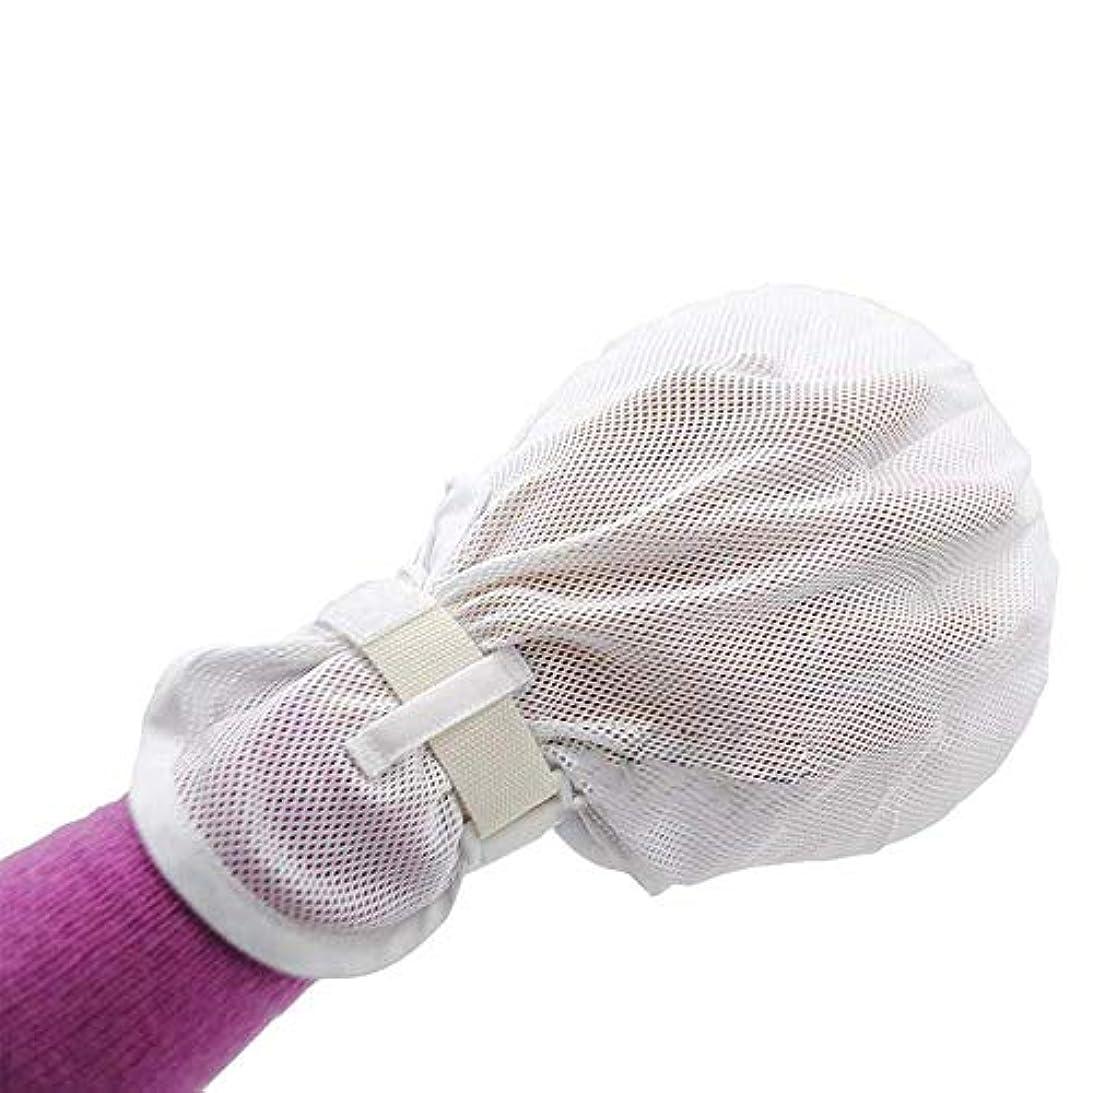 質量捧げるプロポーショナル安全管理ミット自己怪我ベッドレスト寝たきり患者ケア製品指の制御拘束ミット反抜管手袋予防